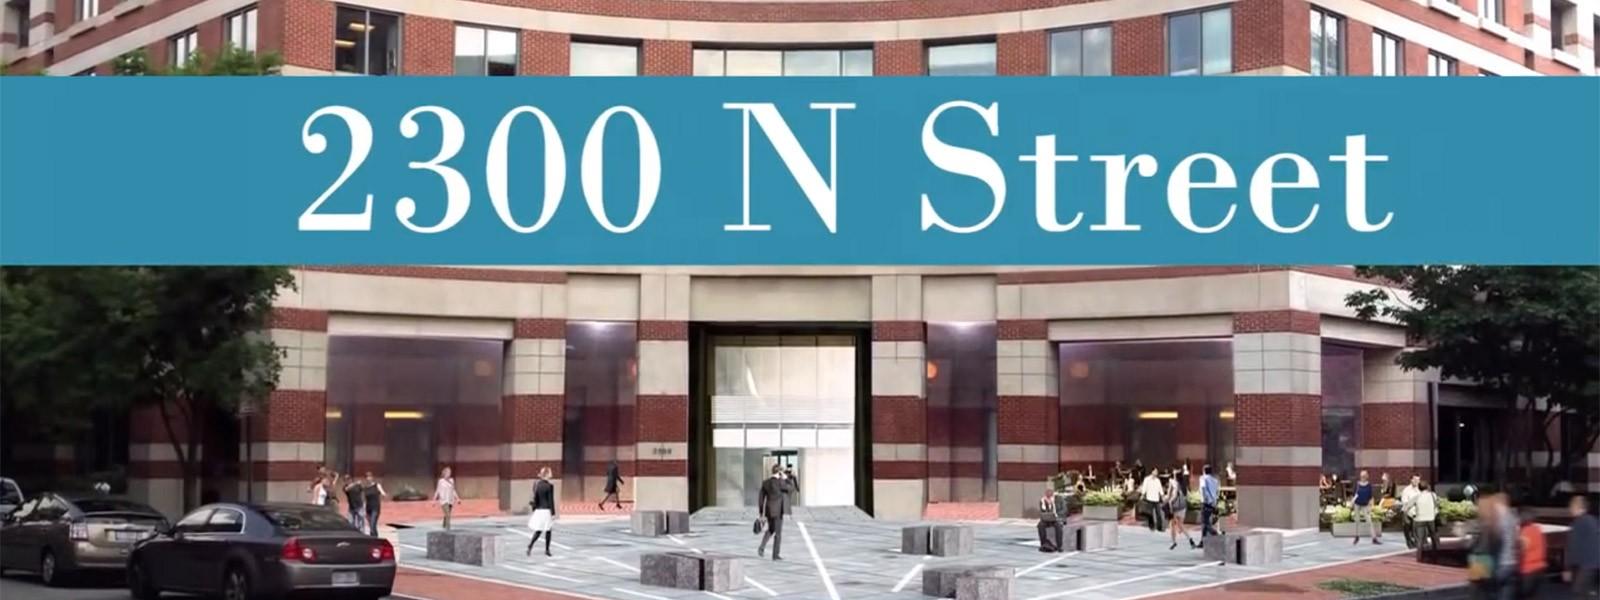 2300 N street